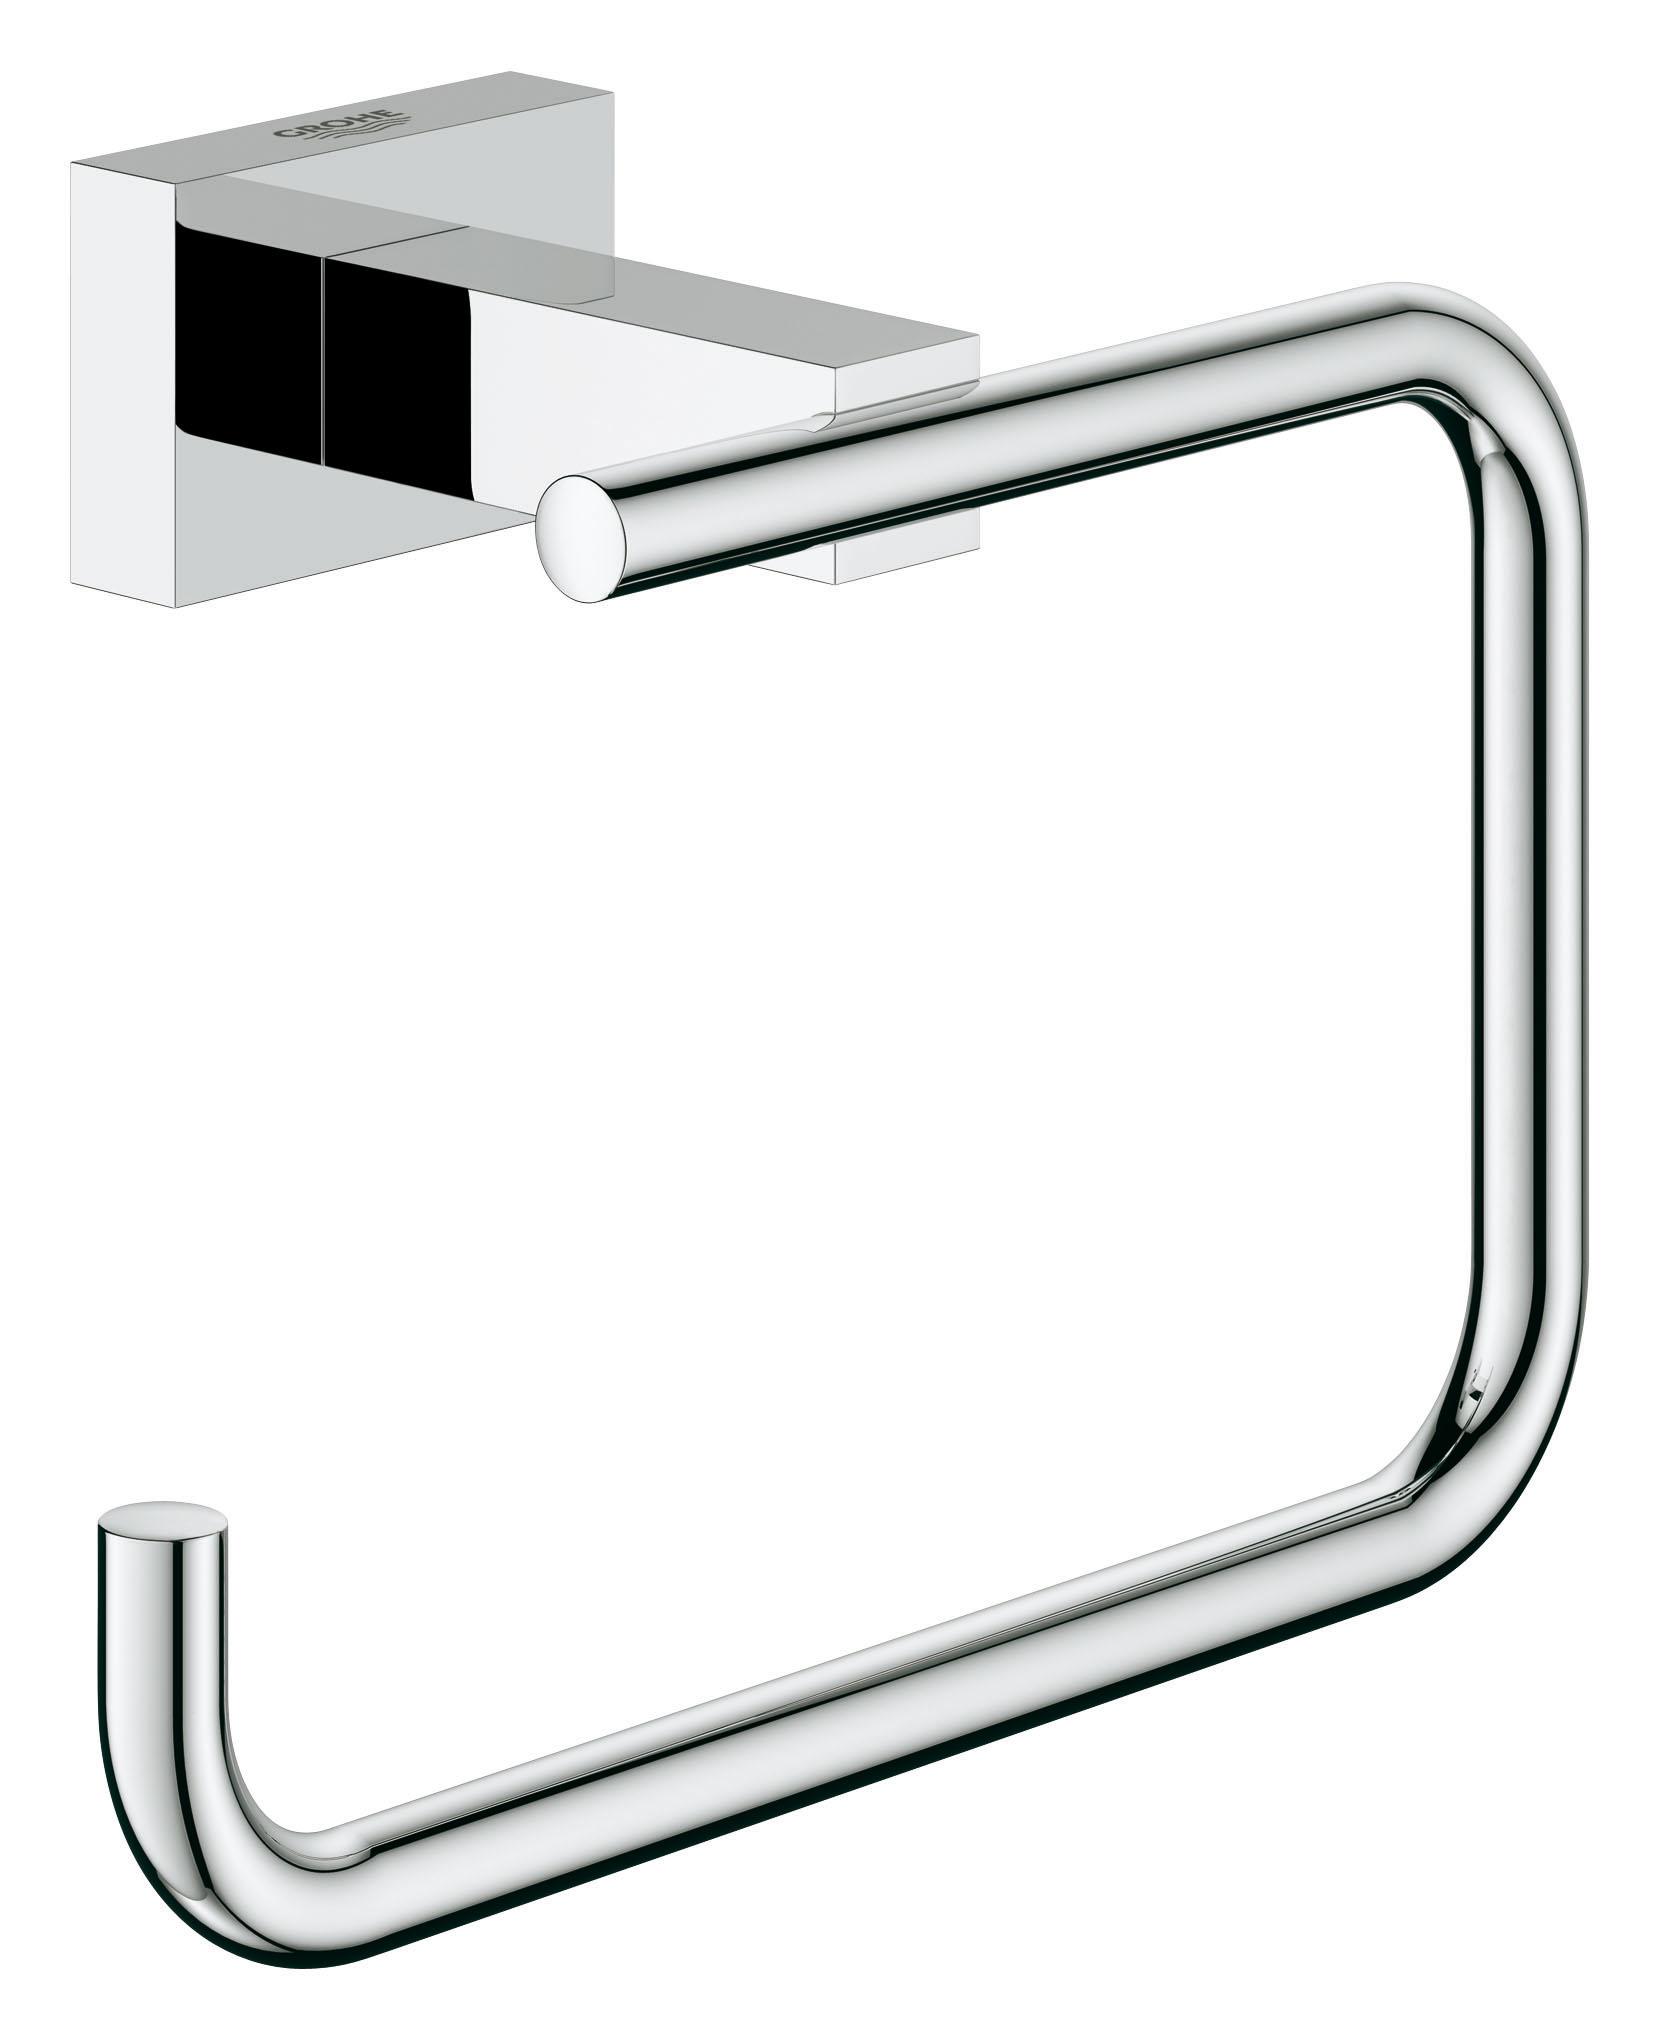 Держатель бумаги GROHE Essentials Cube. 4050700040507000Лаконичный дизайн в сочетании с превосходной функциональностью: держатель для туалетной бумаги без козырька из коллекции GROHE Essentials отличается гармоничным внешним видом и строгими формами. Ослепительное хромированное покрытие, в которое заложены проверенные стандарты качества GROHE, сохранит свой первозданный вид на многие годы. Особенности GROHE StarLight хромированная поверхность